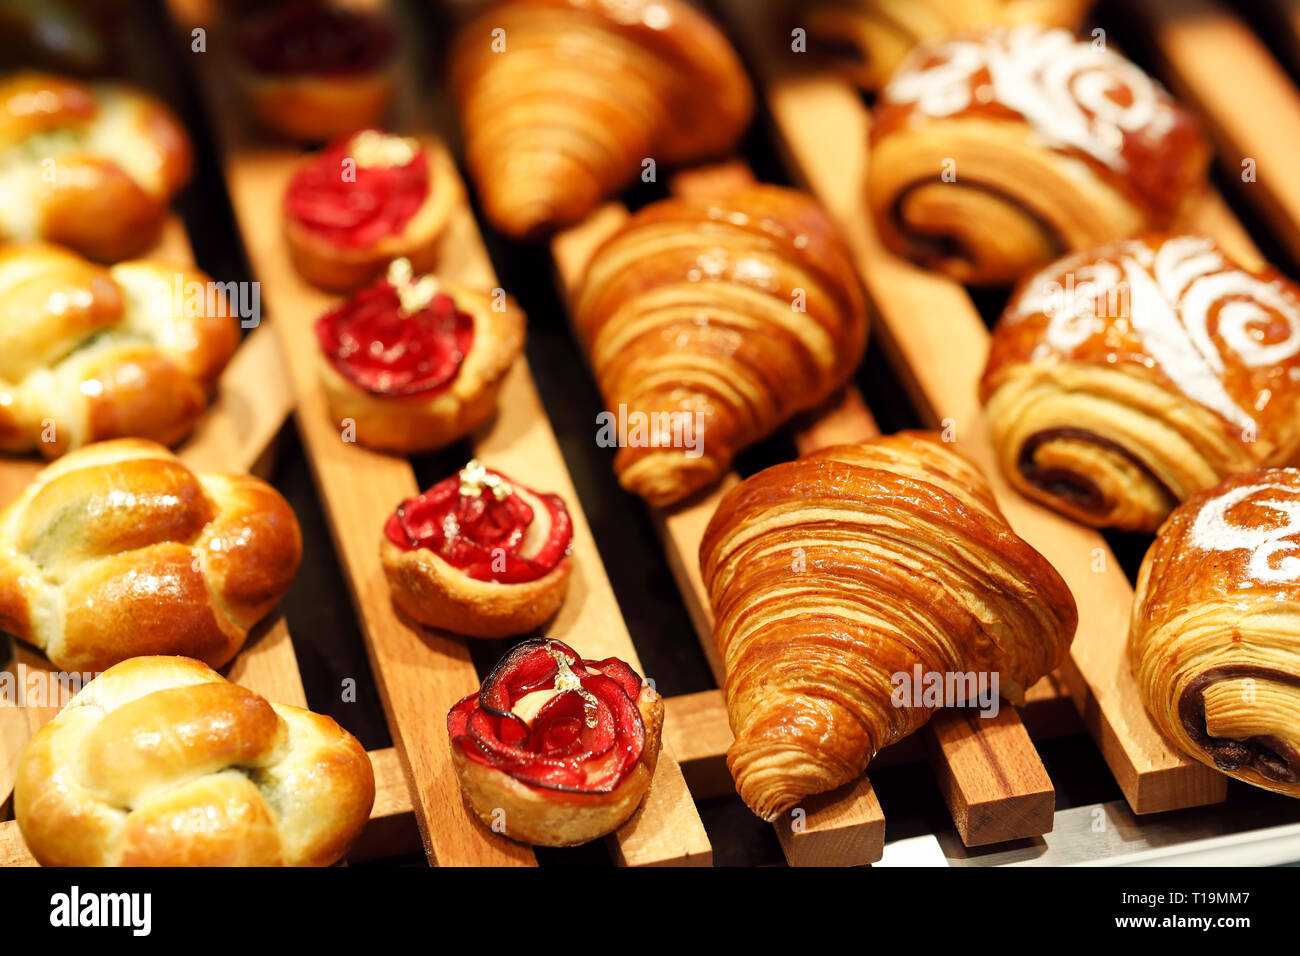 Pâtisserie fraîchement cuits sur l'affichage dans une boulangerie. Focus sélectif. Banque D'Images